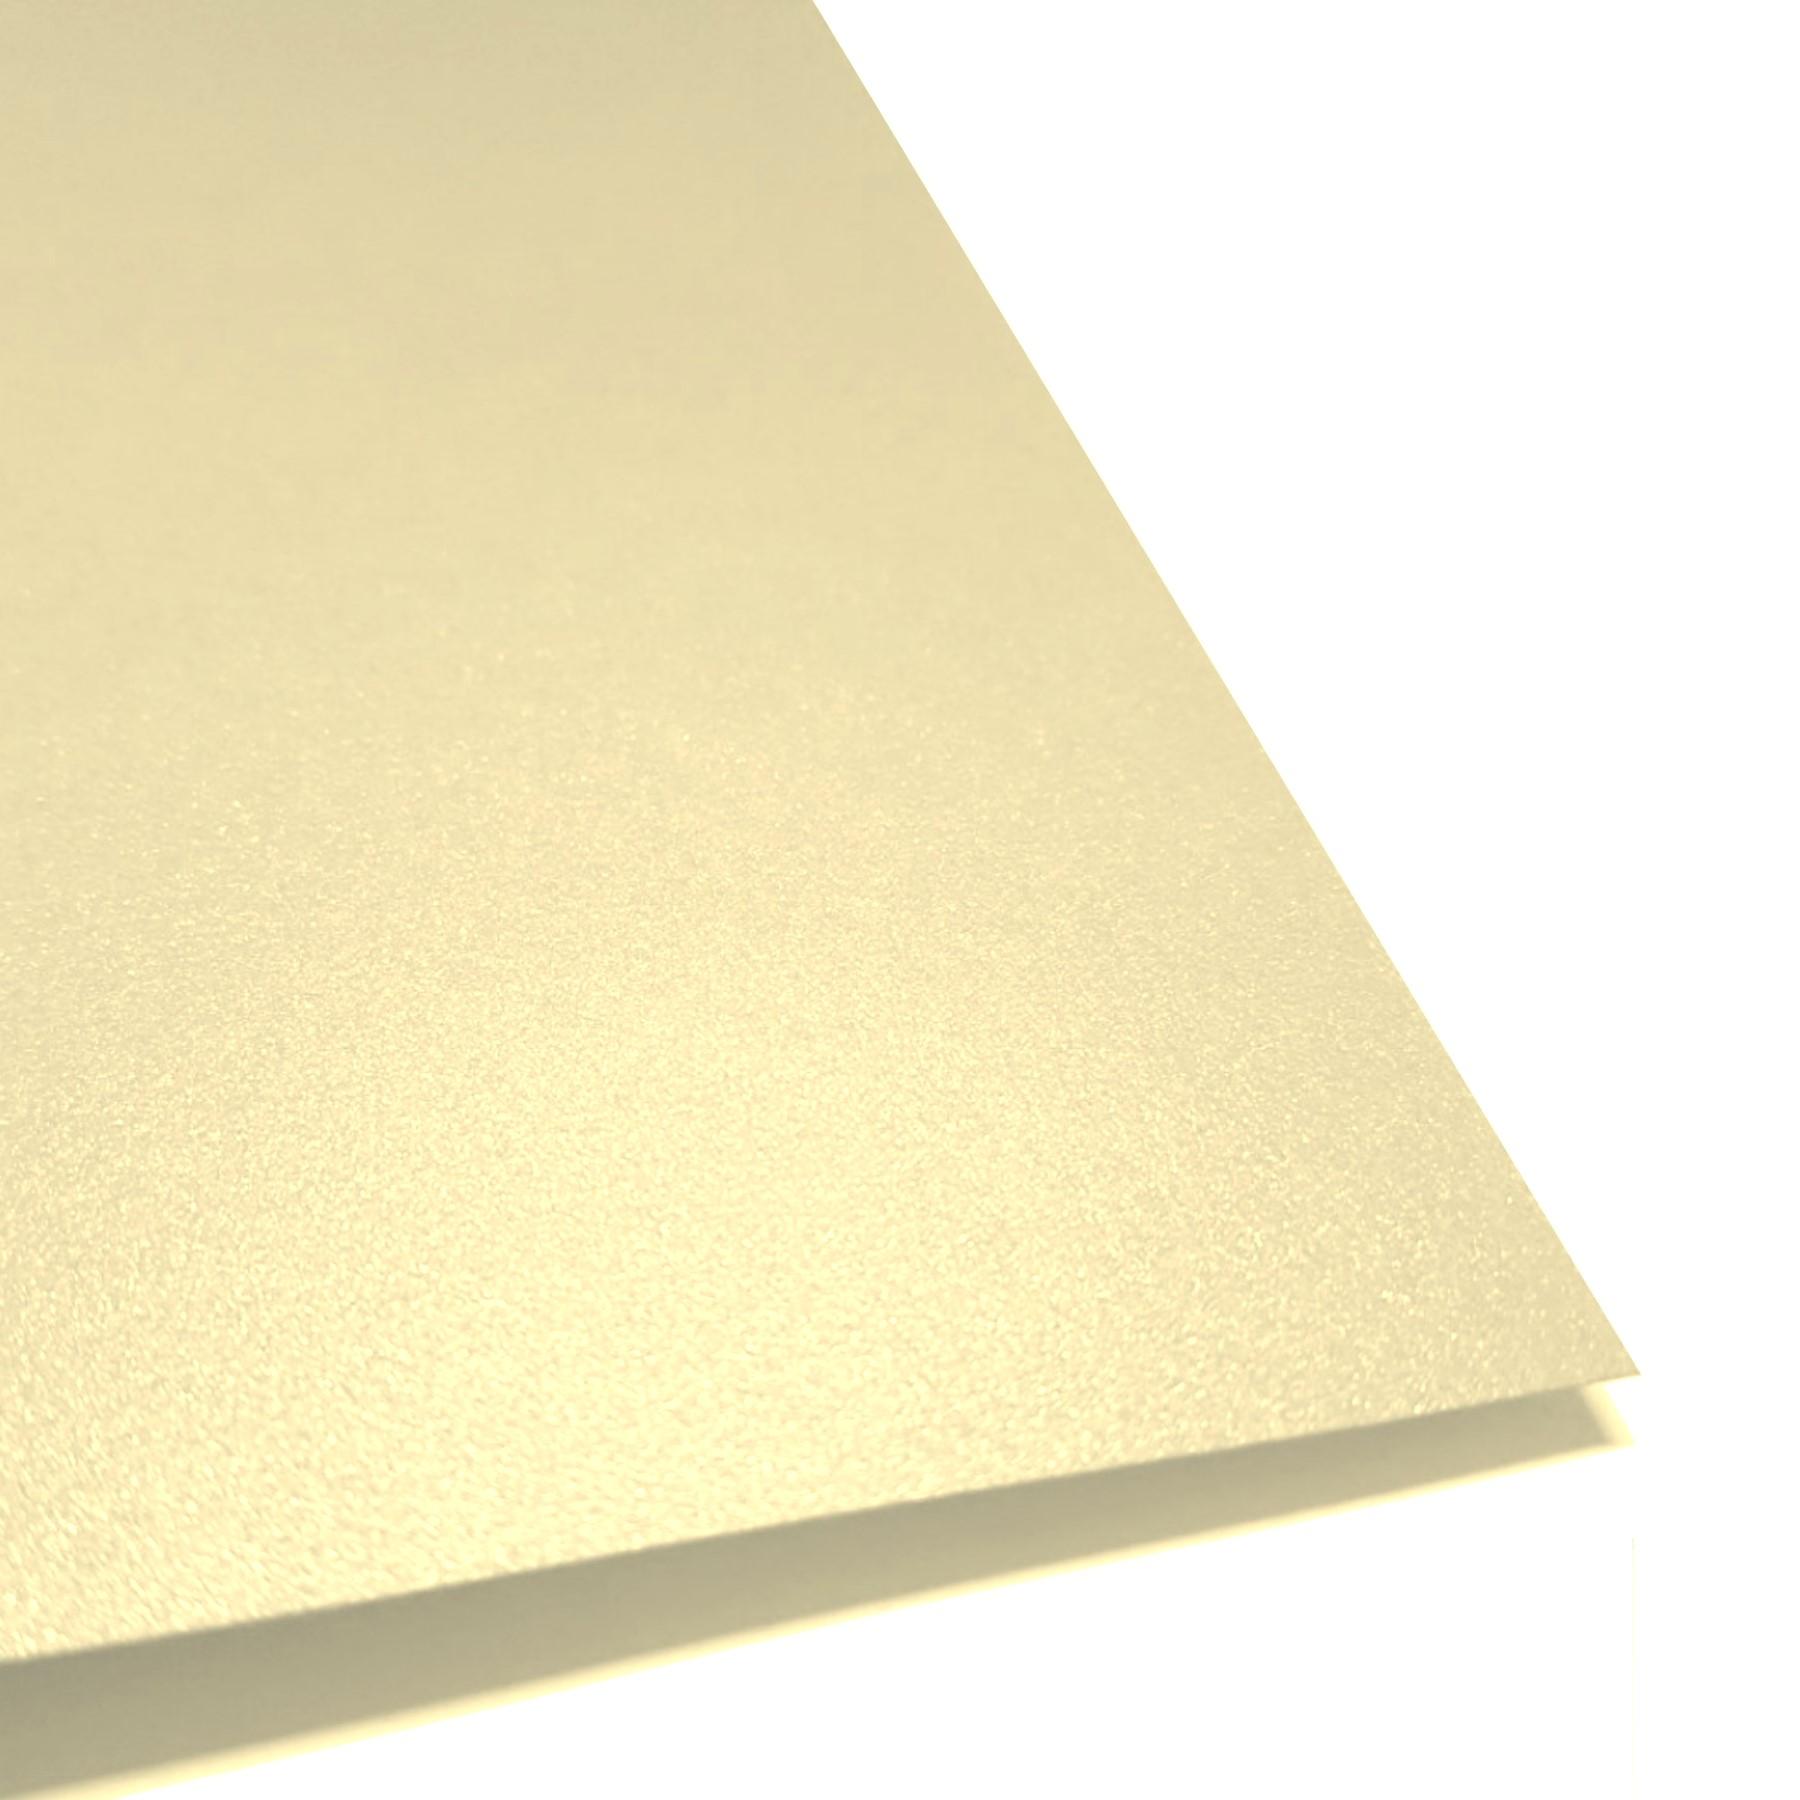 Cartulina perlescente oro claro 20 hojas carta